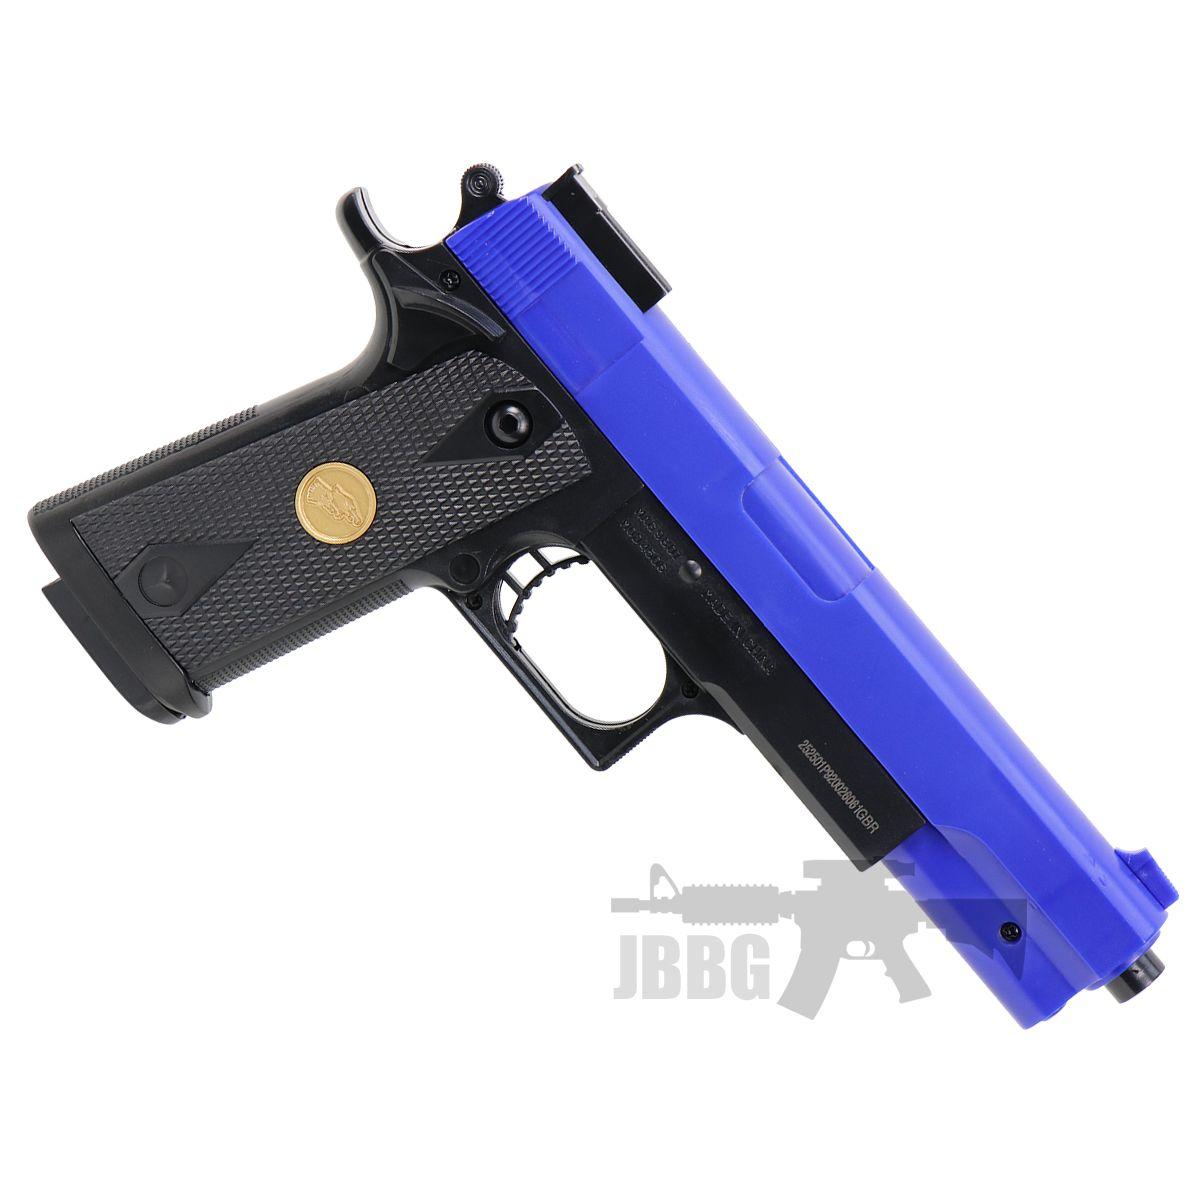 bb pistol blue at jbbg 1